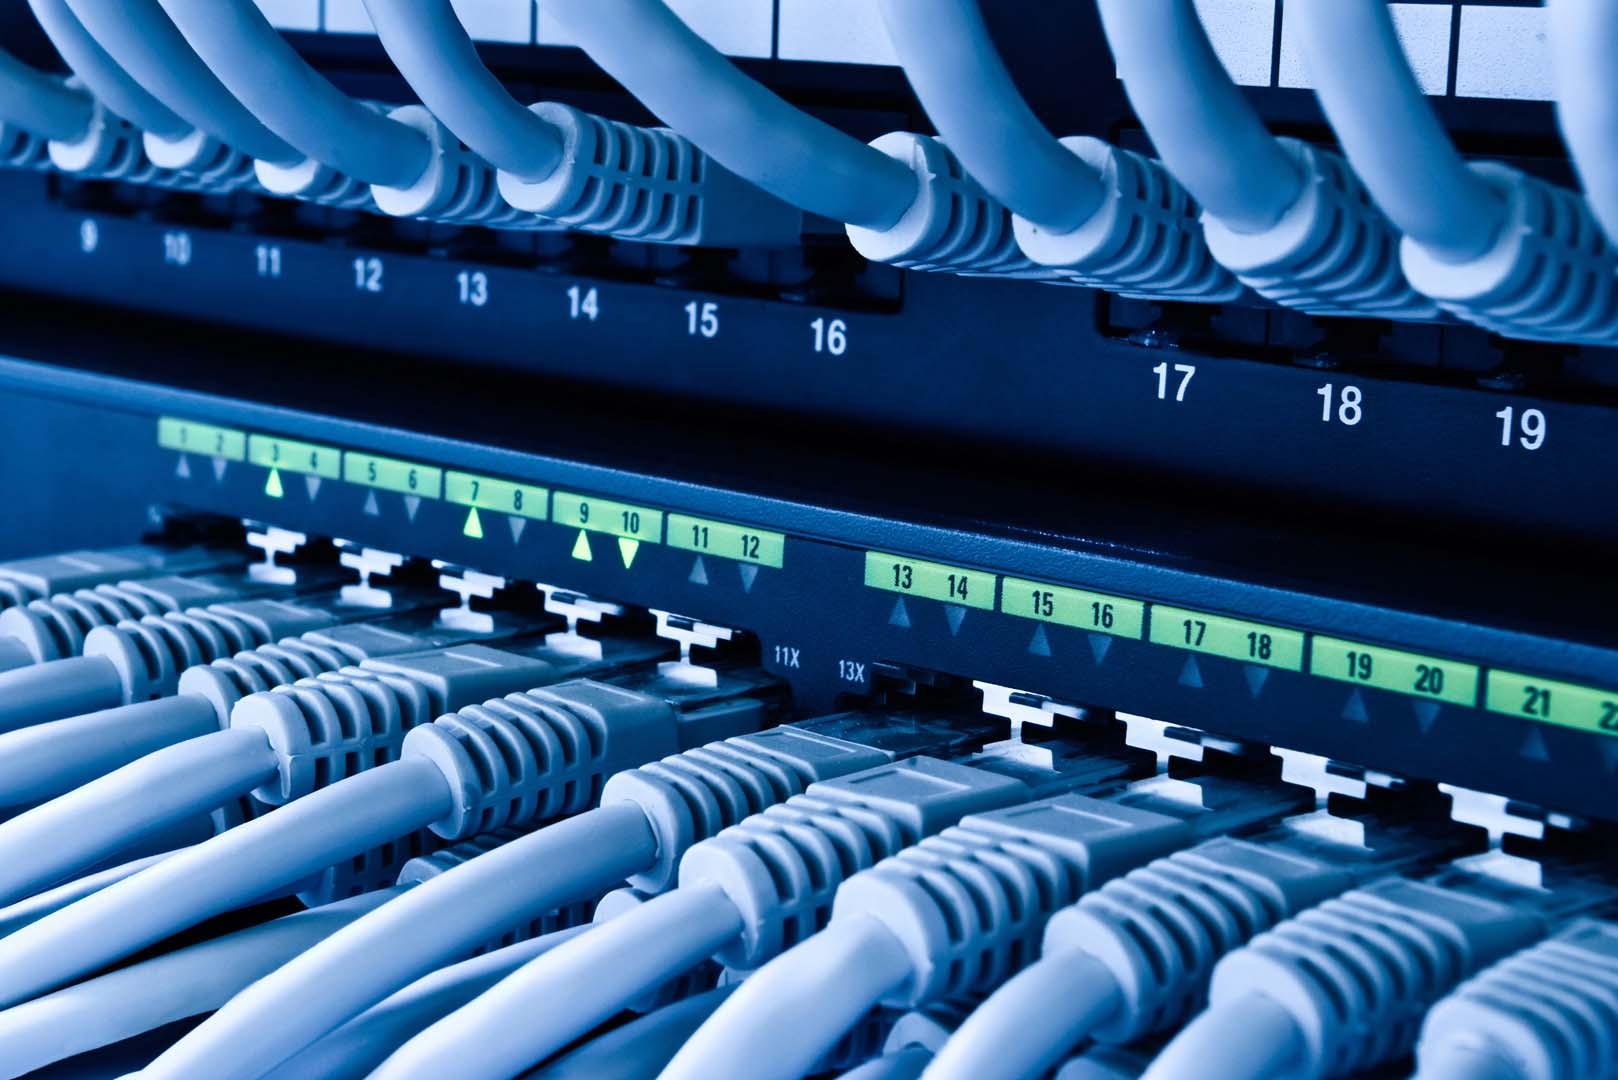 Netzwerkkabel in einem Netzwerkswitch